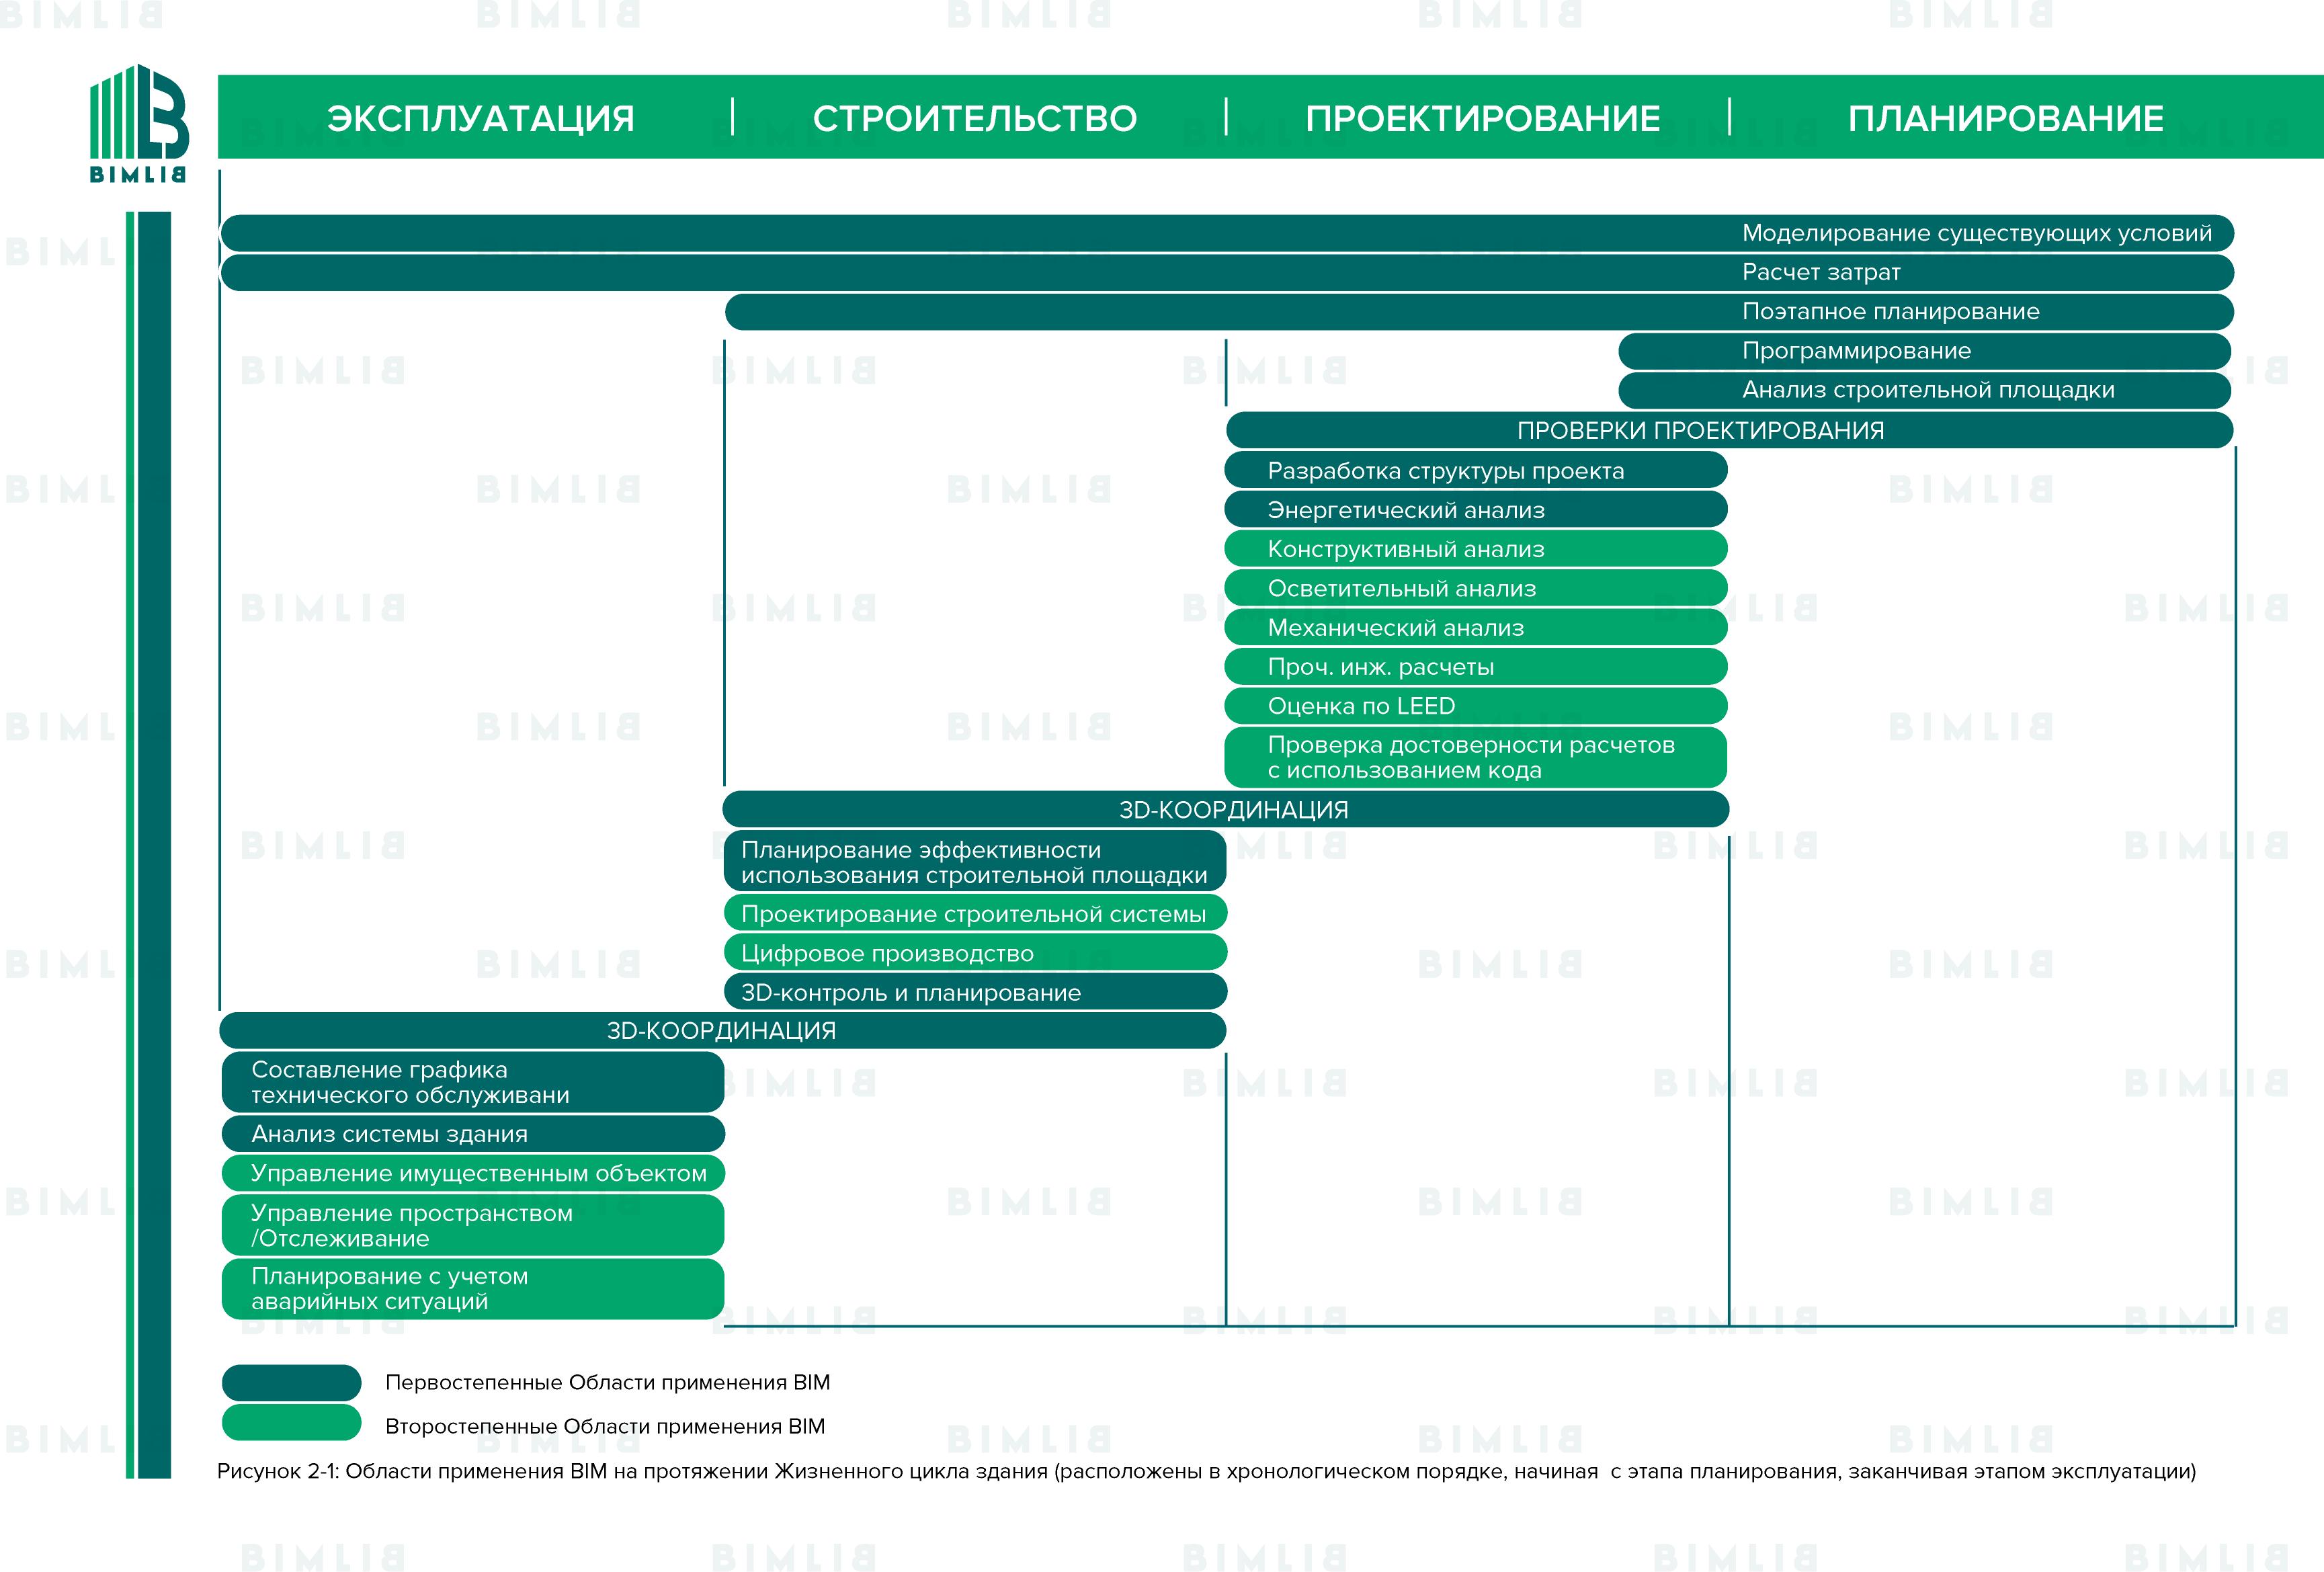 Области применения BIM на протяжении Жизненного цикла здания (расположены в обратном хронологическом порядке, начиная с реализации проекта)